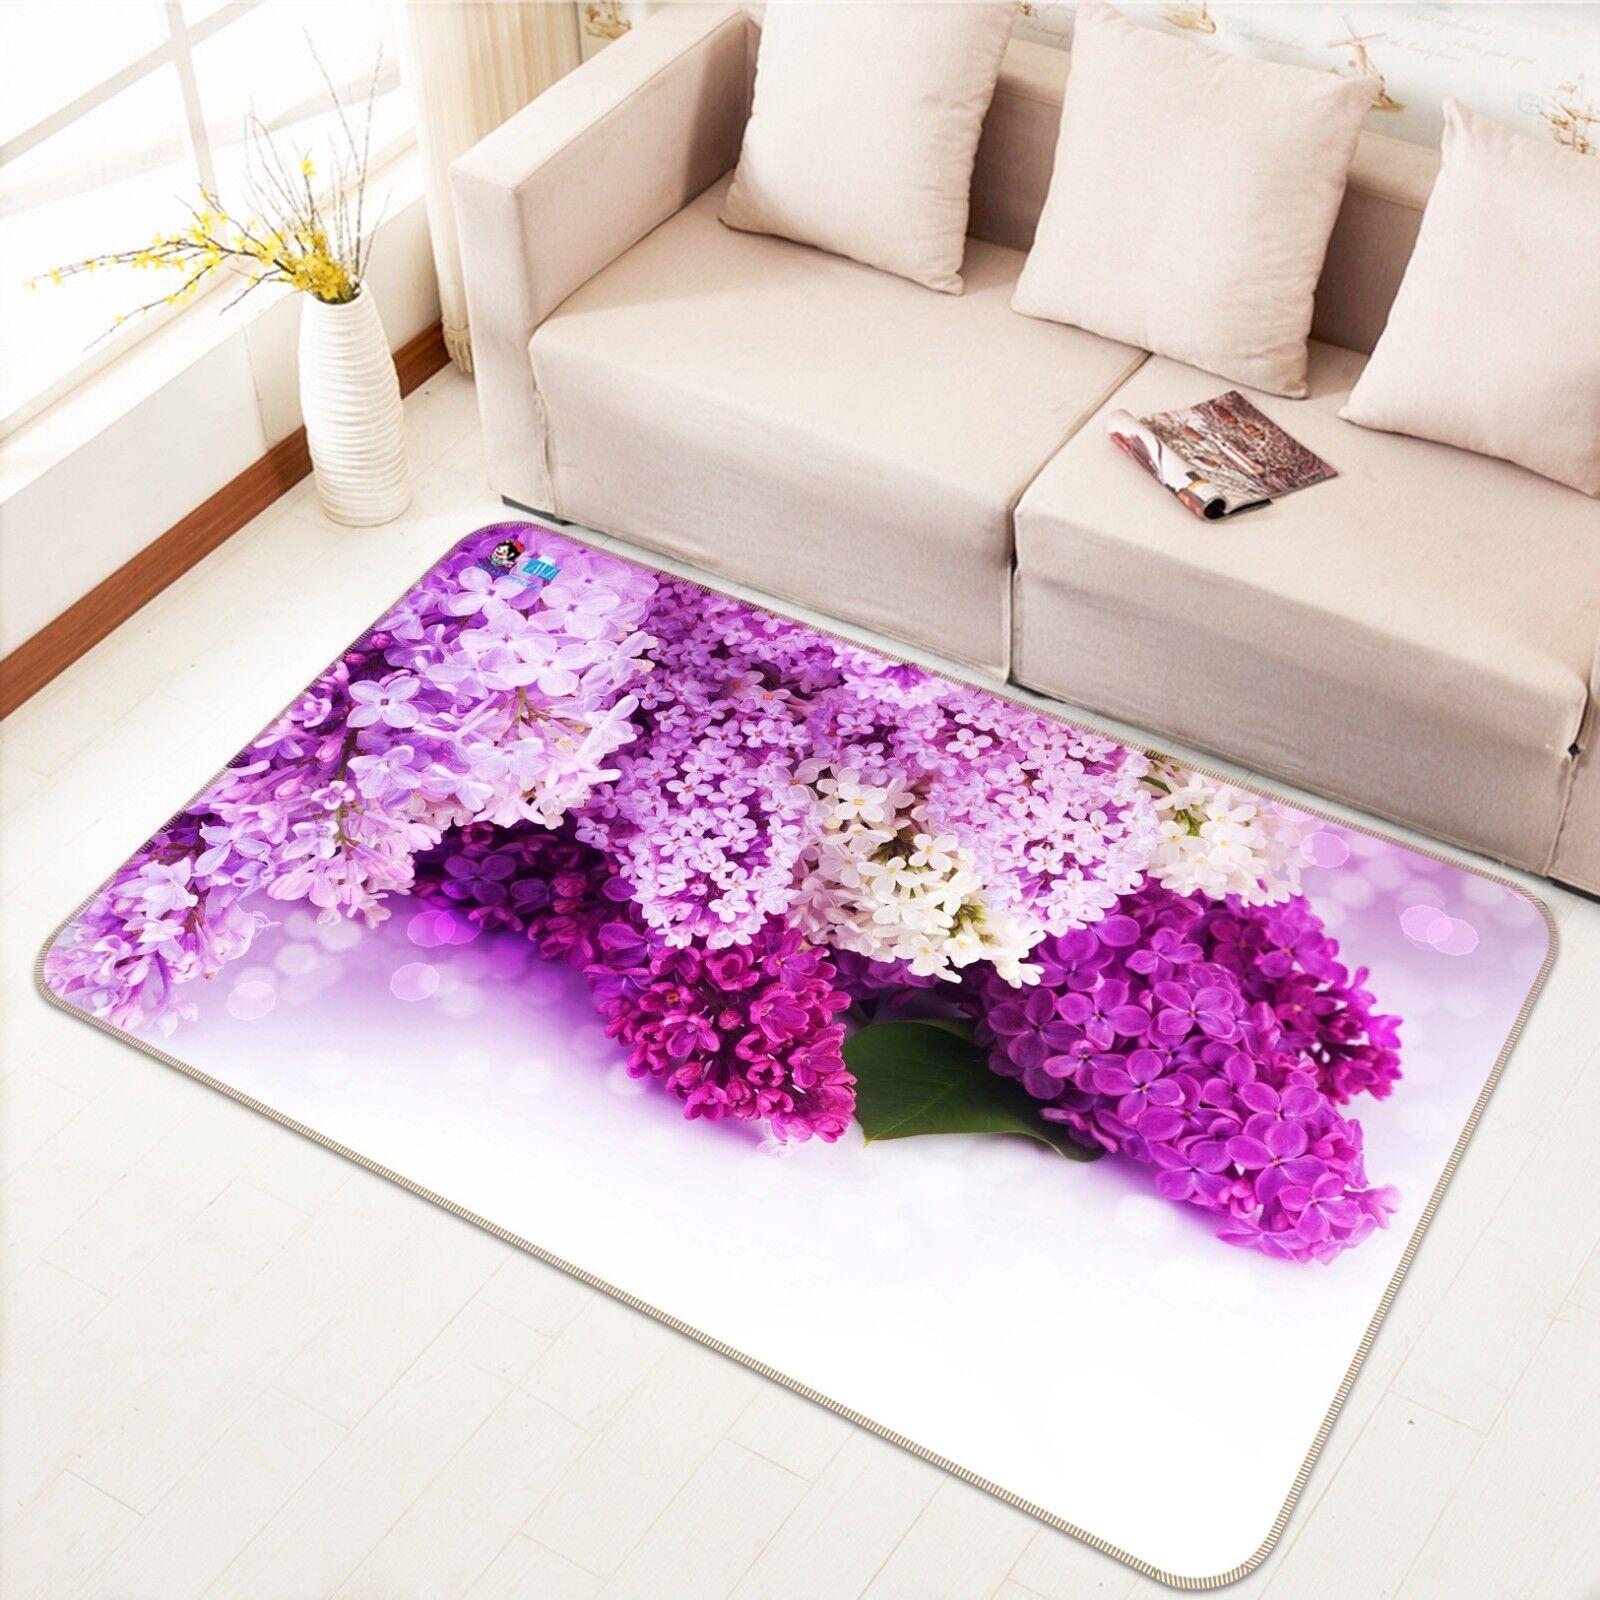 3D viola Bouquet 87 Non Slip Rug Mat Room Mat Quality Elegant Photo Carpet AU